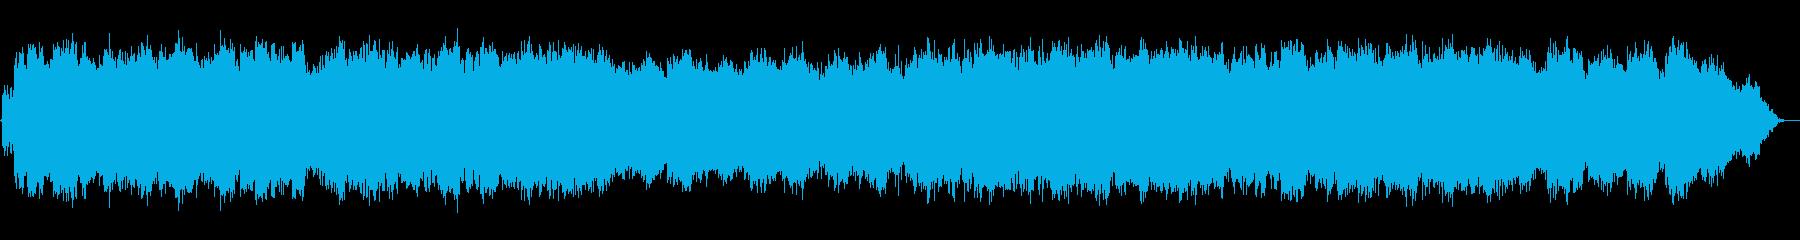 優しい低音の笛のヒーリング音楽の再生済みの波形